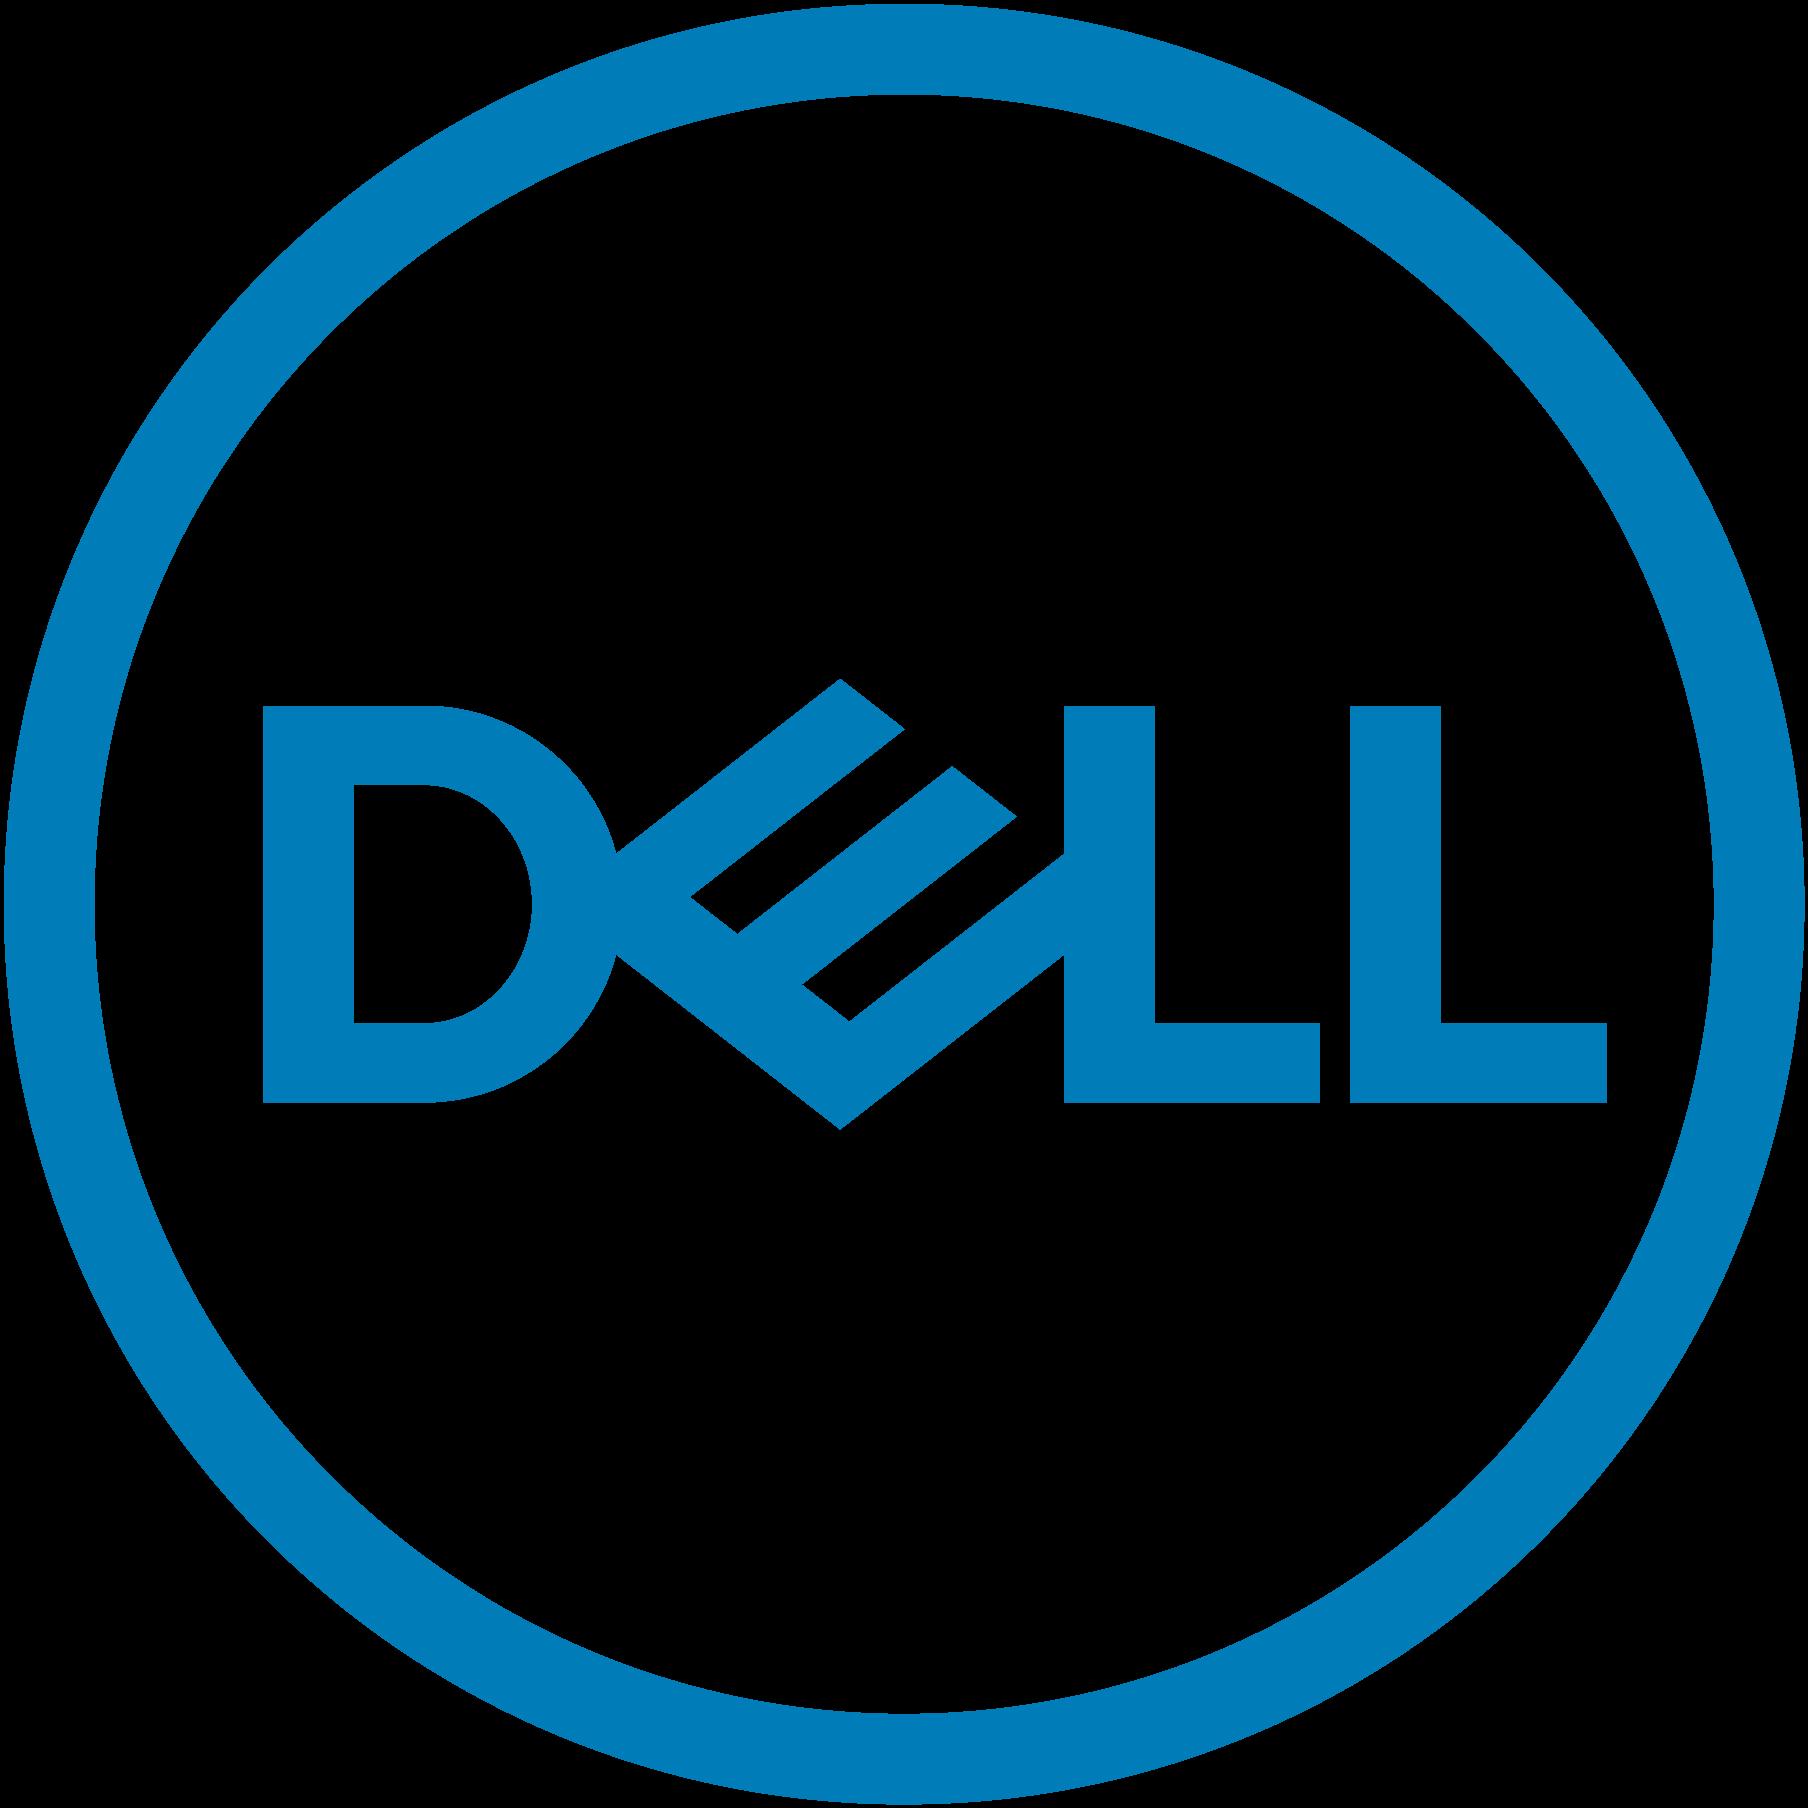 Dell logo - JFH